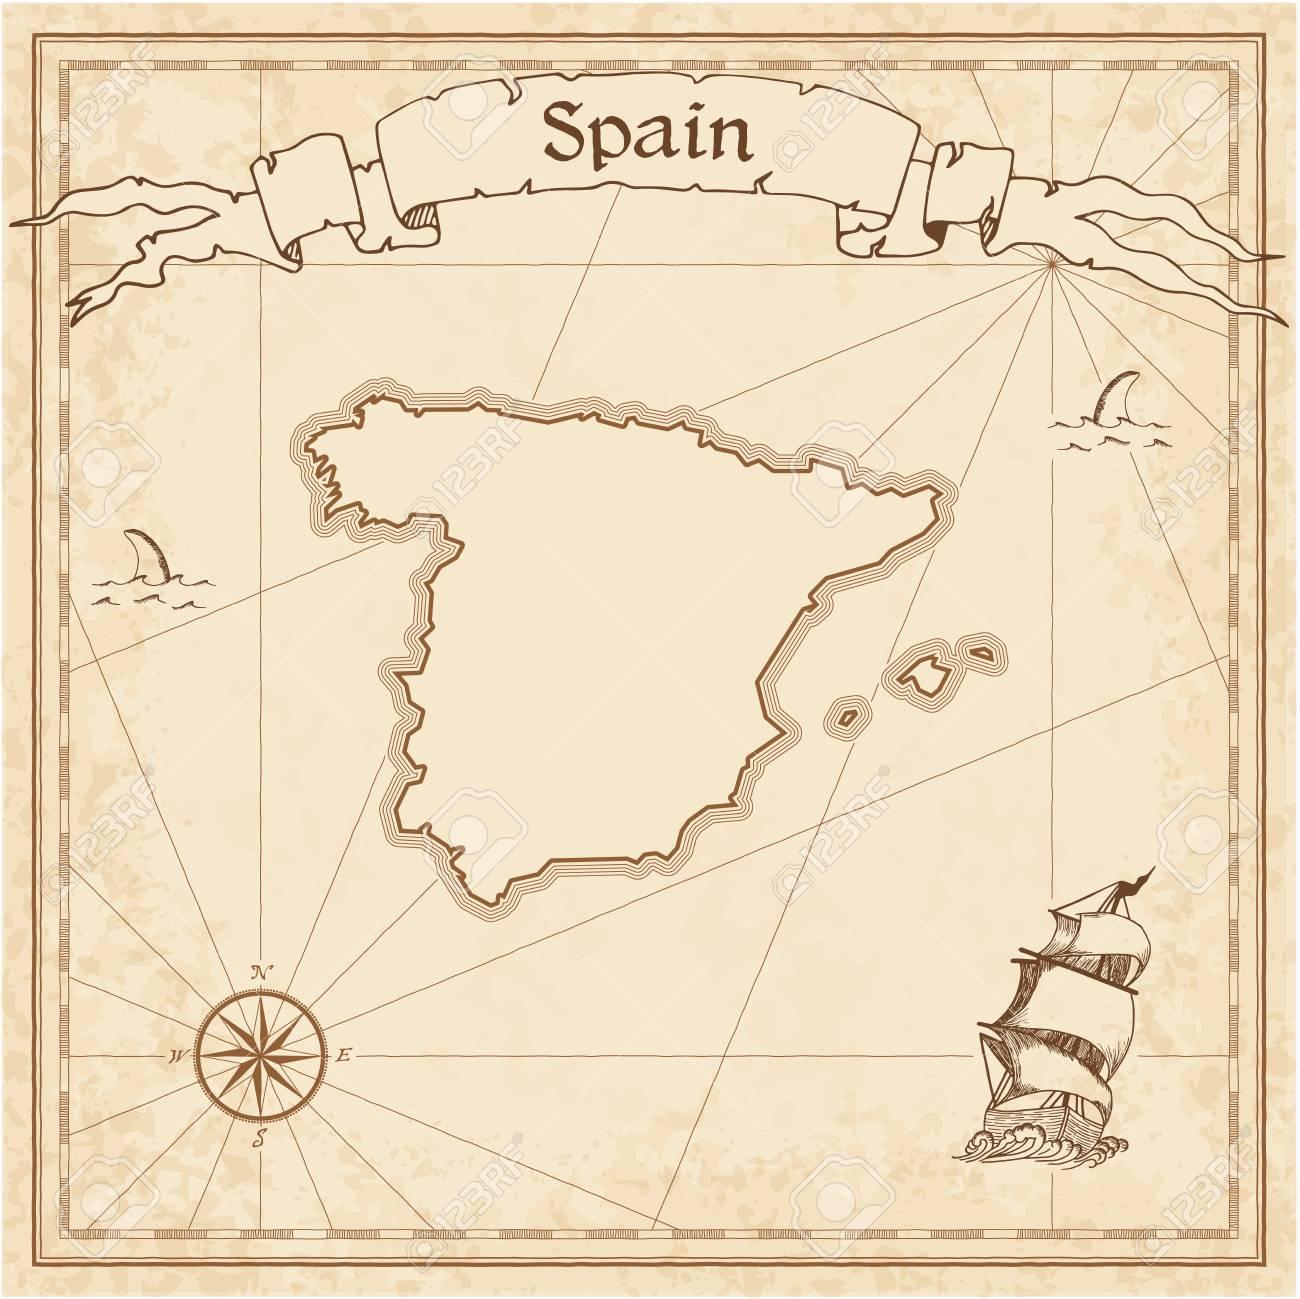 Map Of Spain Old.Spain Old Treasure Map